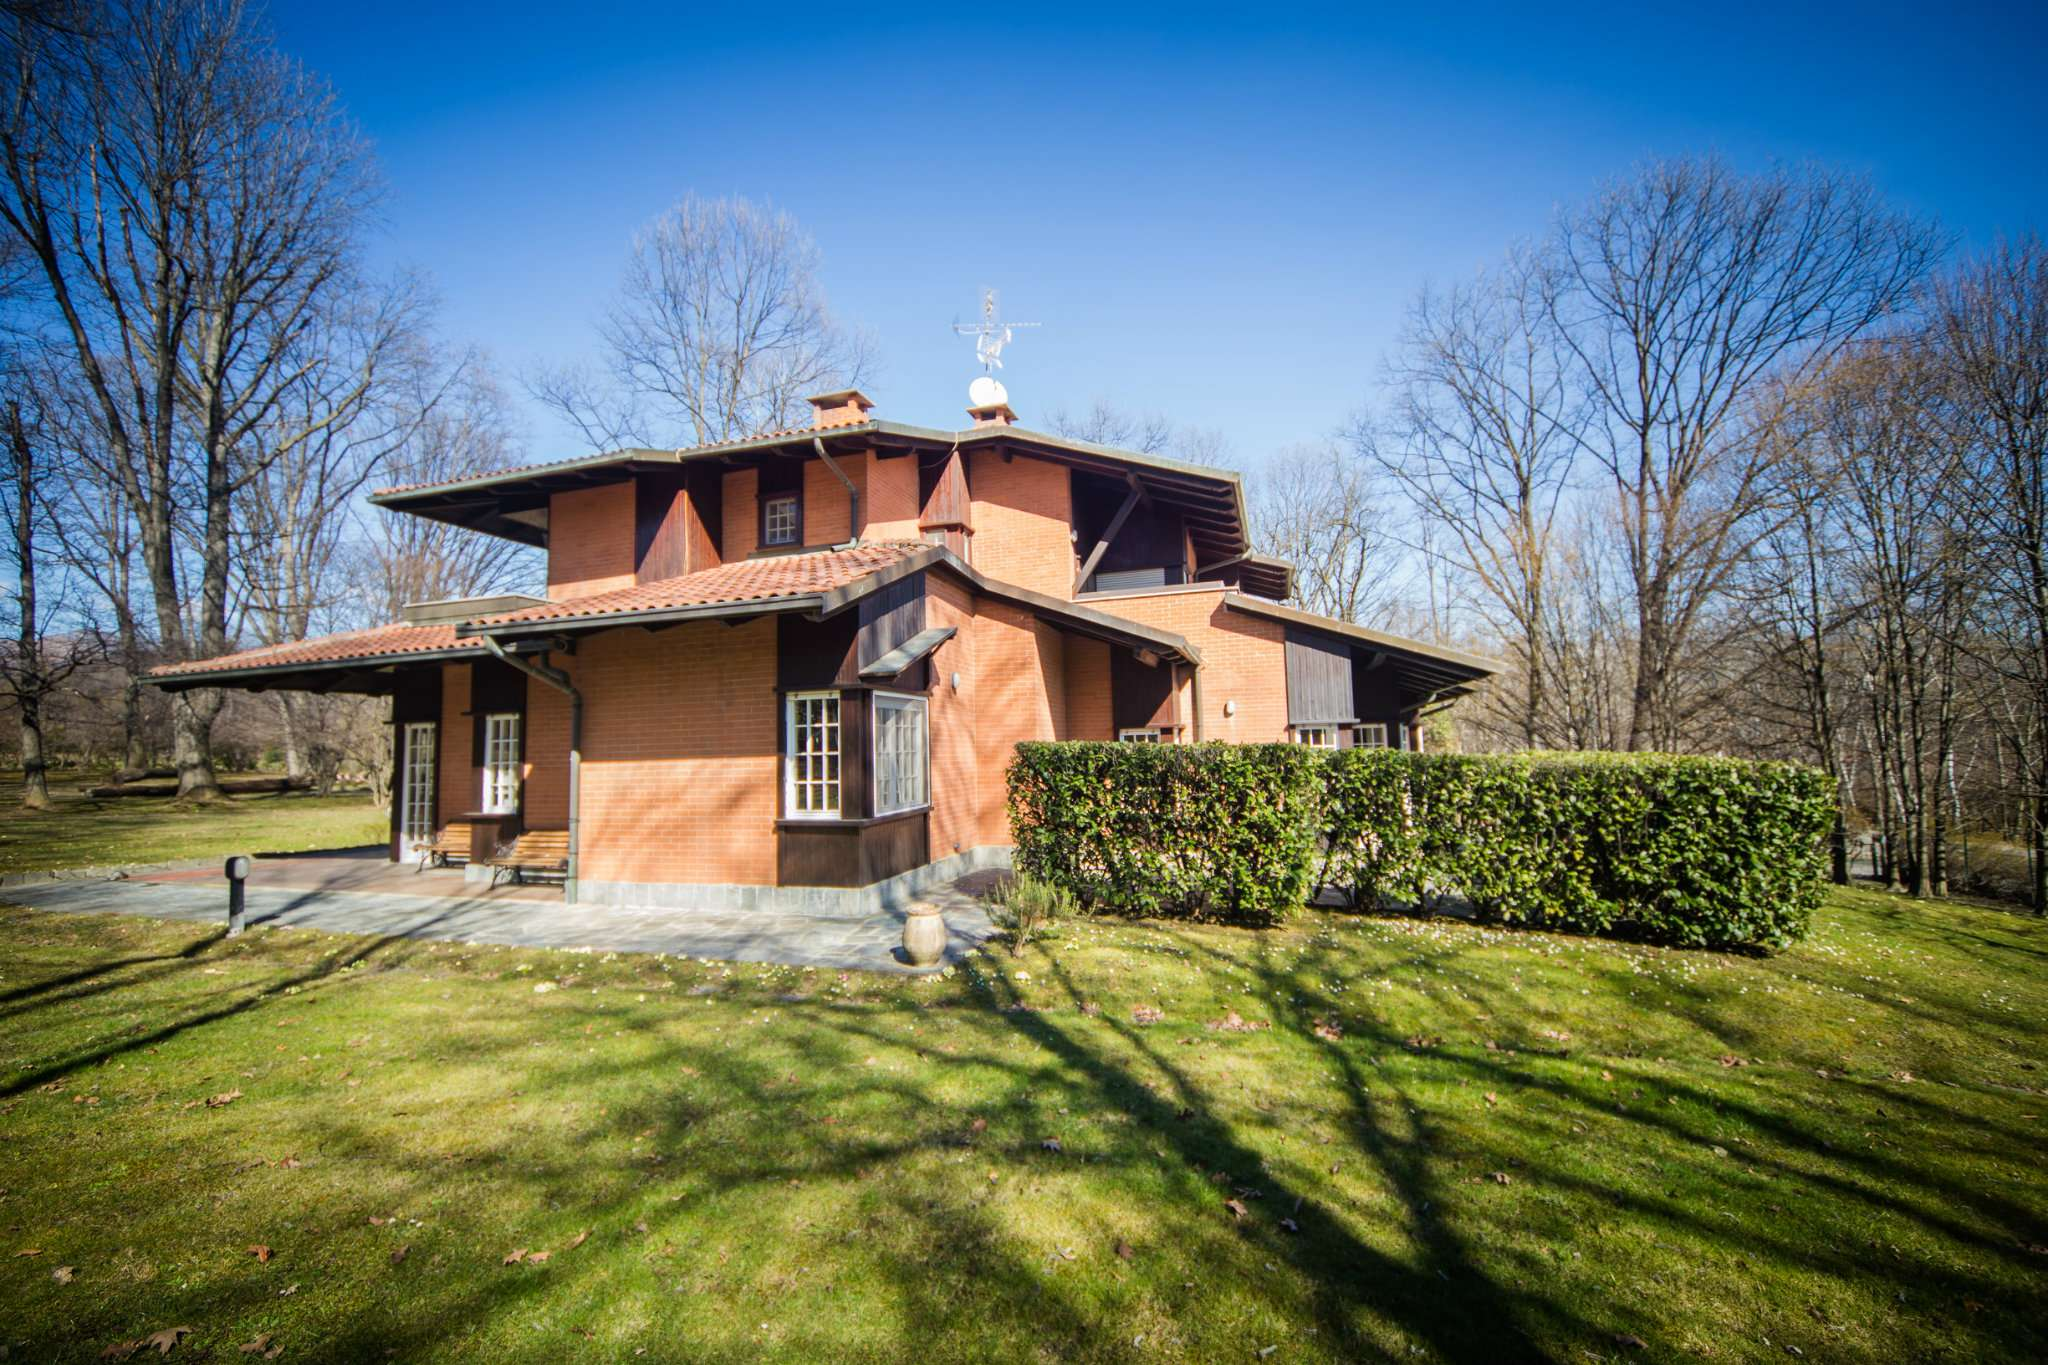 Foto 1 di Villa Bifamiliare strada Rotta Fiano 40, Fiano